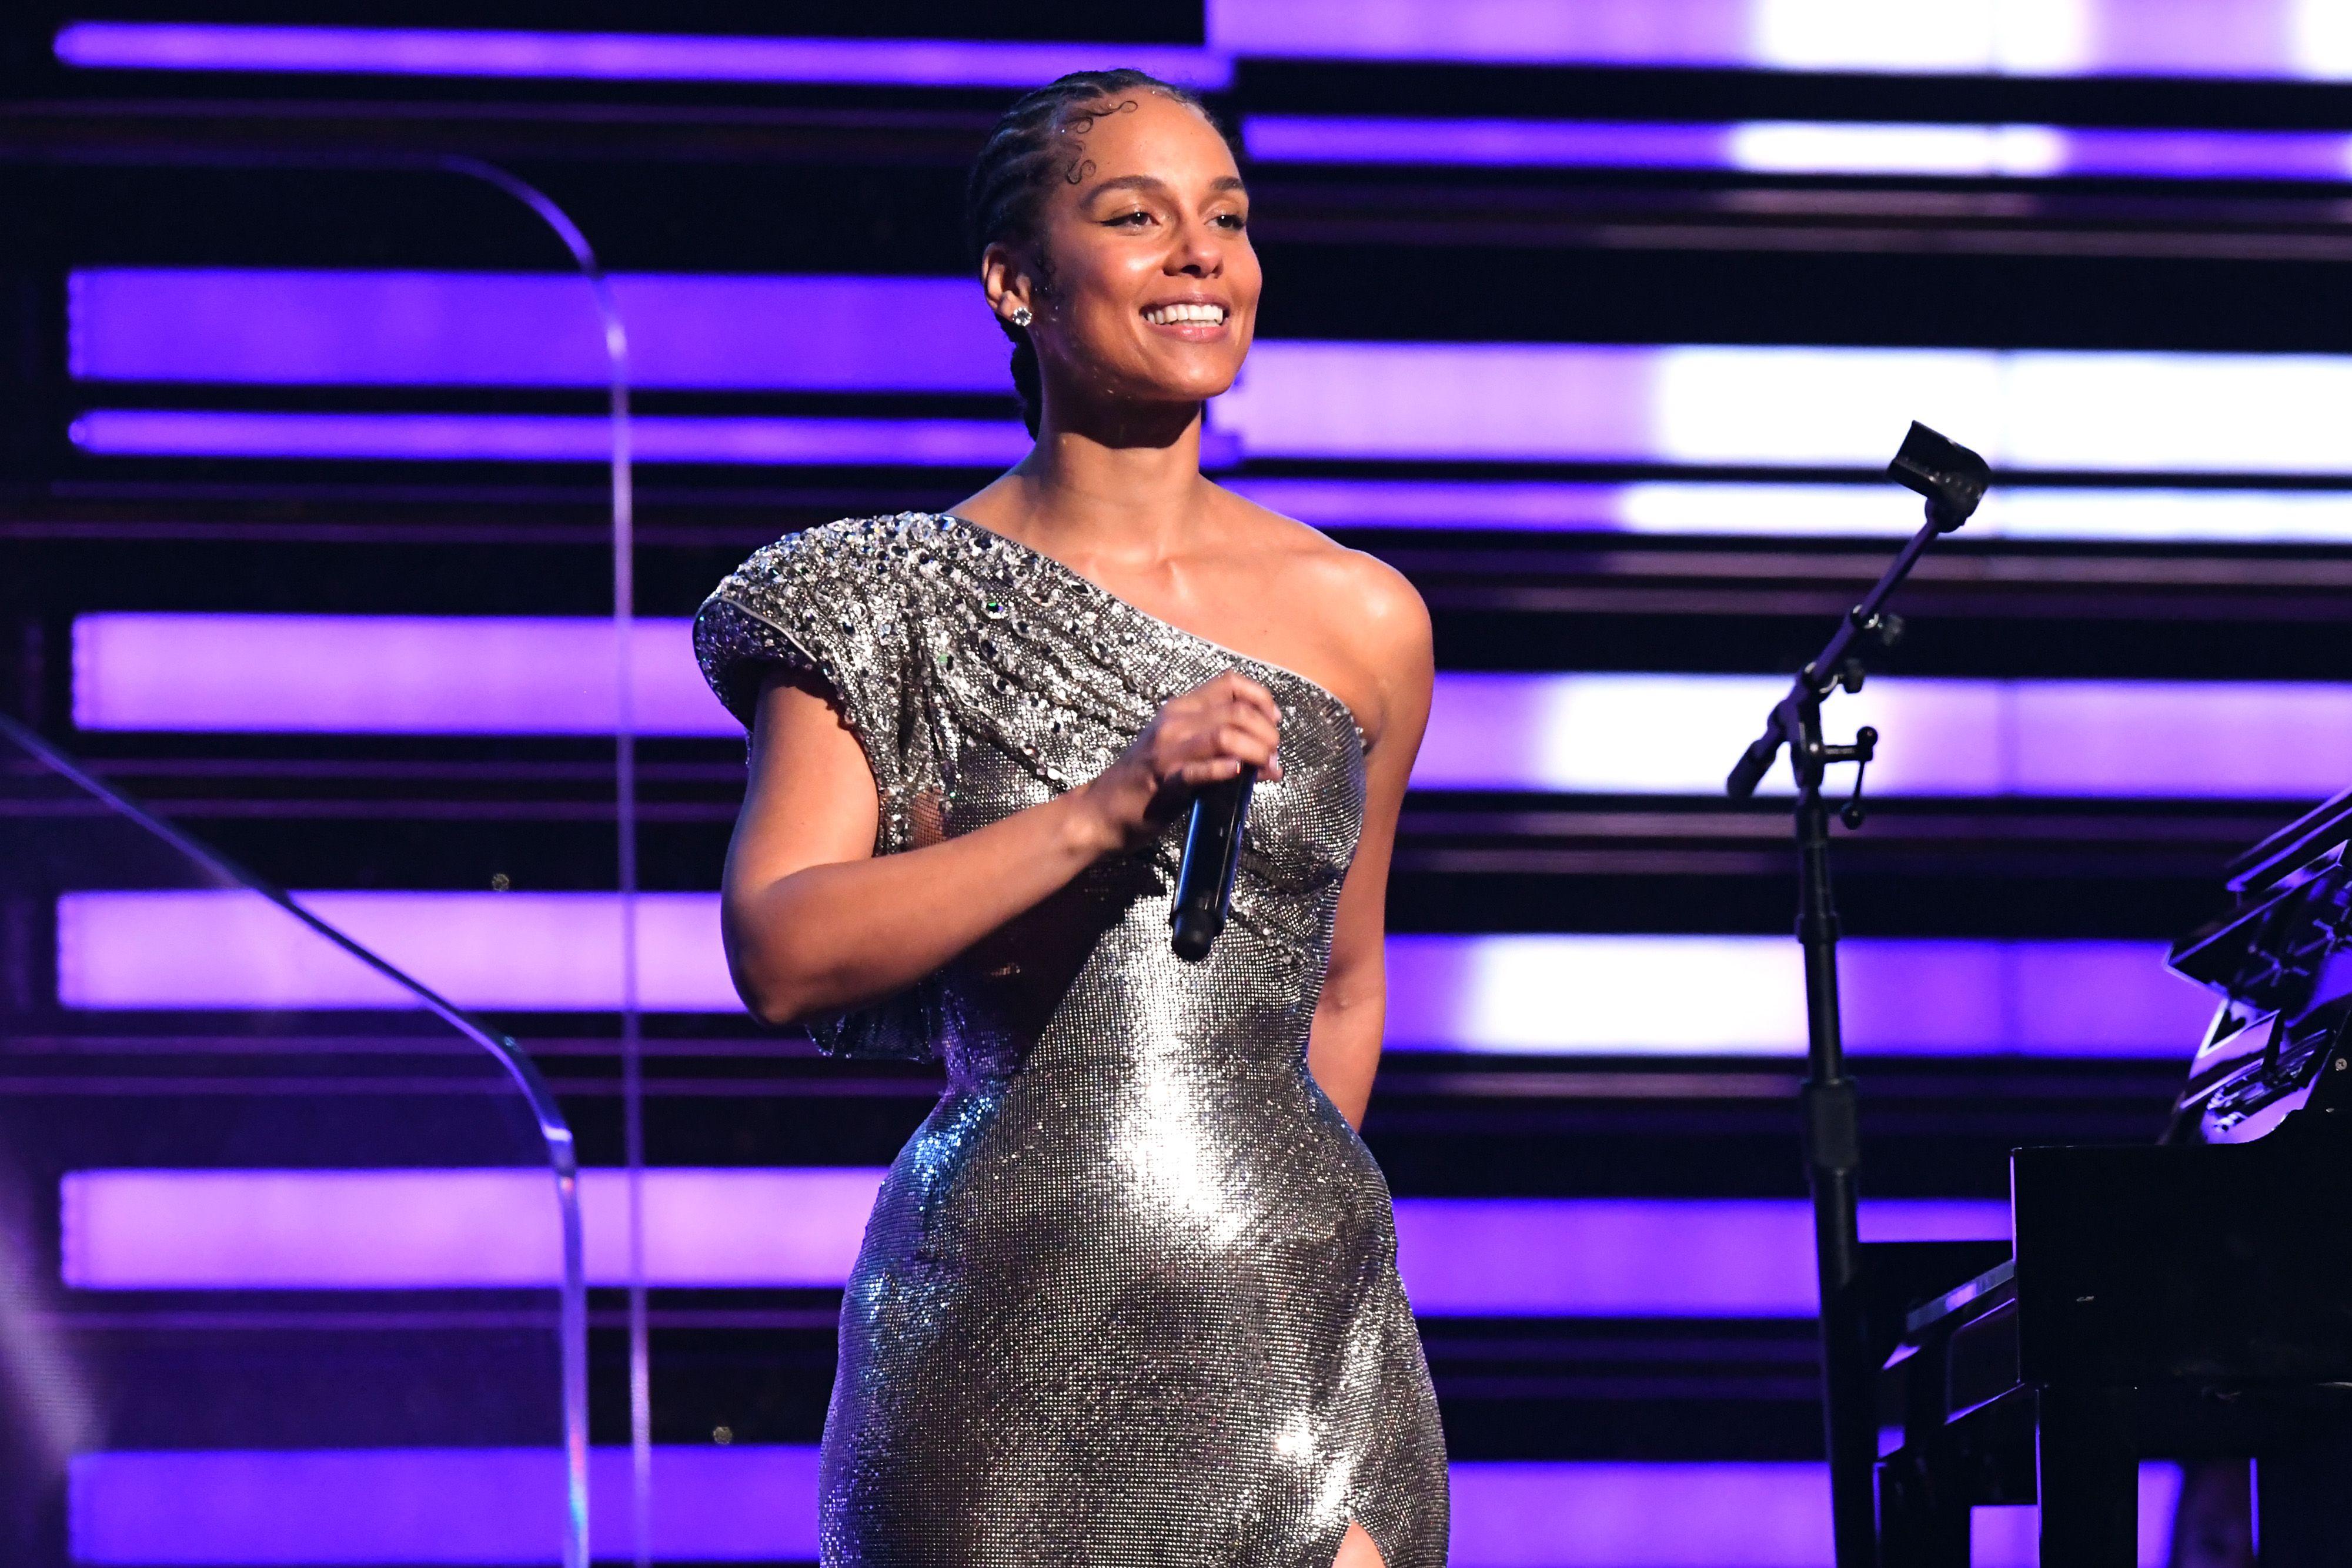 Ya hay fecha de lanzamiento para Keys Soulcare, la firma de belleza de Alicia Keys